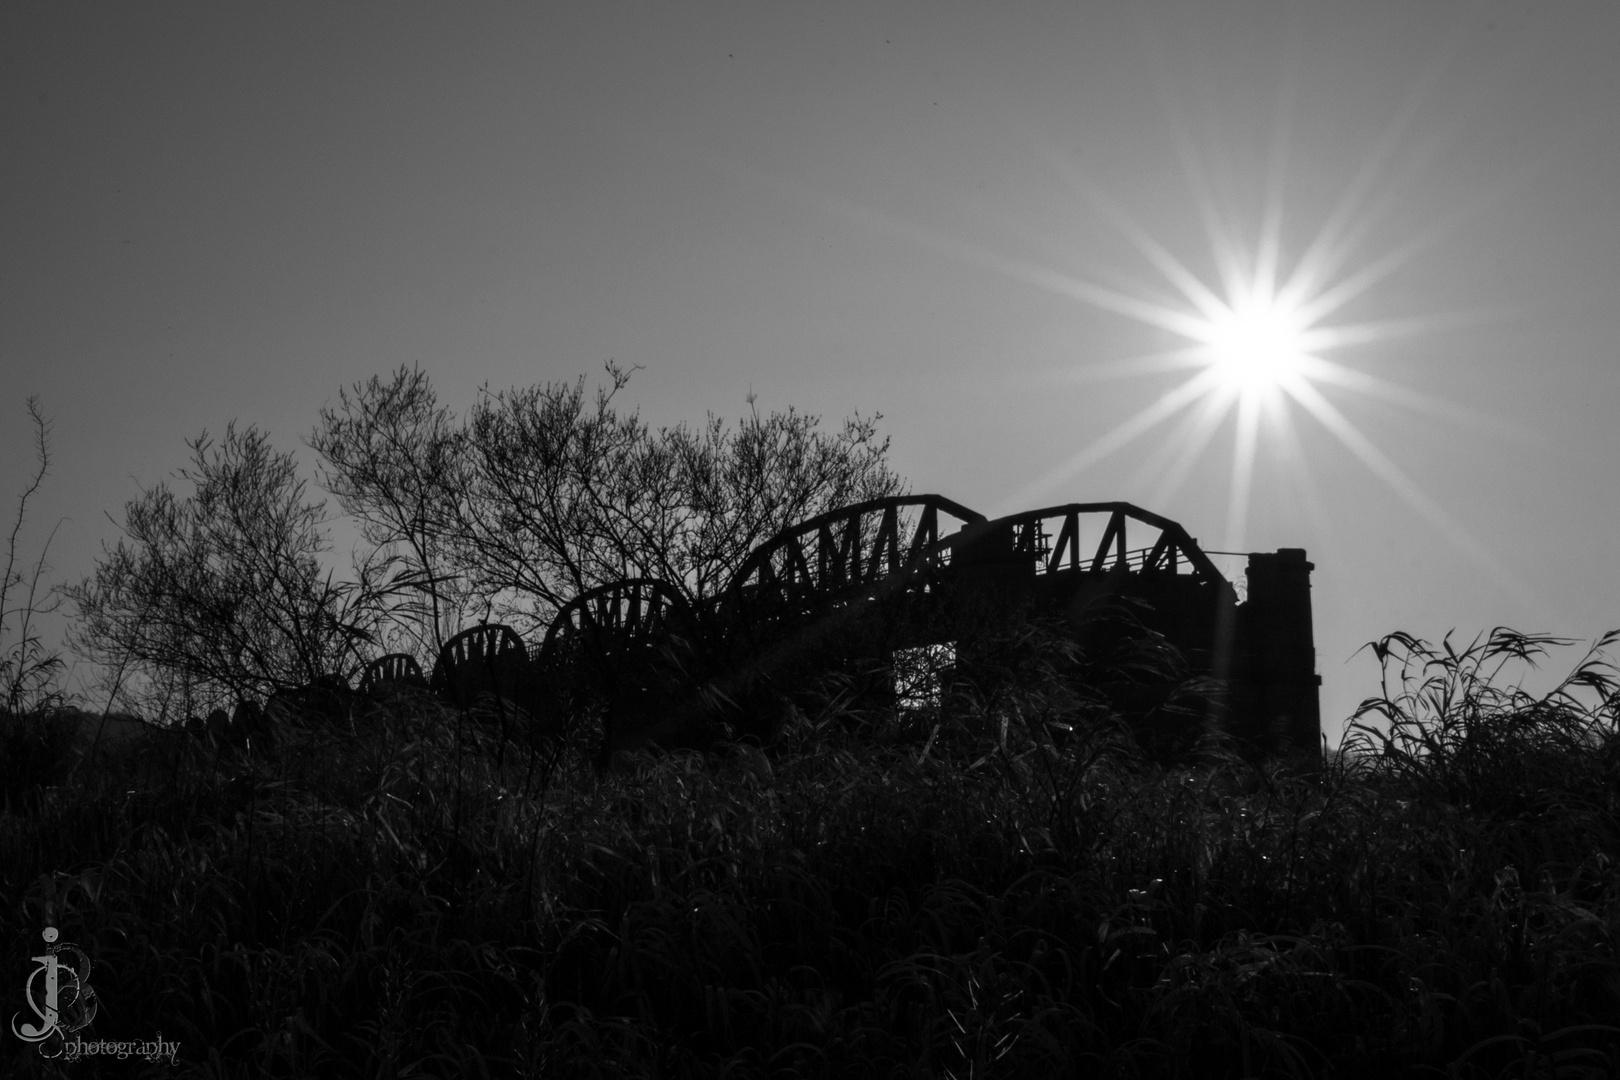 Stück von der Eisenbahnbrücke